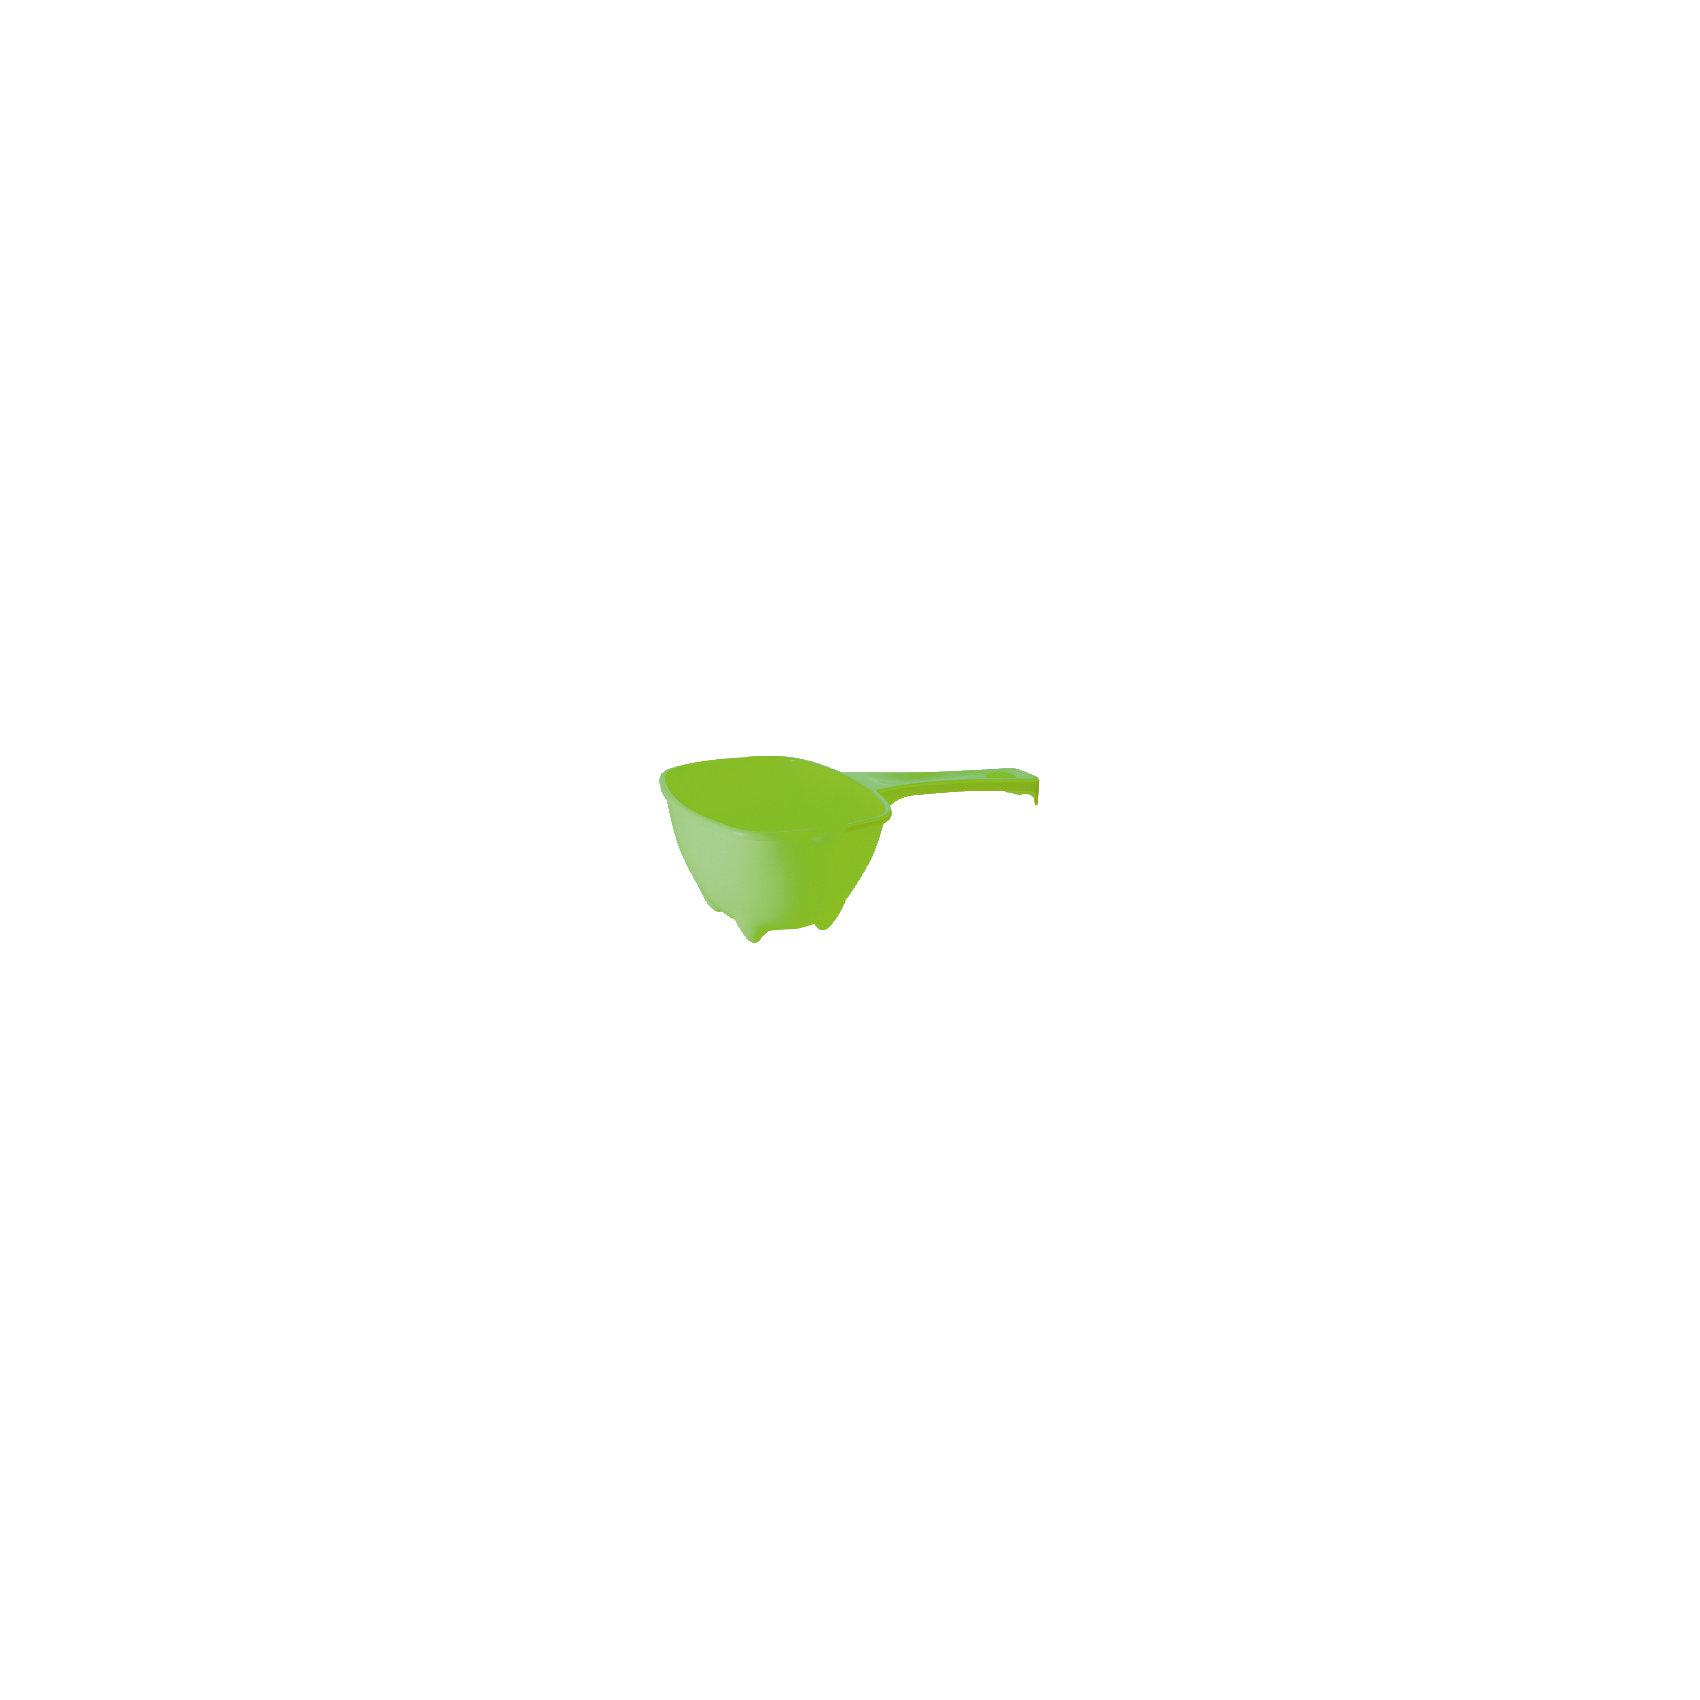 Ковш прямоугольный Organiq 1,6л, Plastic CentreВанная комната<br>Ковш прямоугольный Organiq 1,6л, Plastic Centre<br><br>Характеристики:<br><br>• Материал: пластик<br>• Цвет: зеленый<br>• В комплекте: 1 штука<br>• Объем: 1,6 литр<br><br>Этот ковш изготовлен из прочного и безопасного пластика, который не бьется и устойчив к царапинам. Он имеет стильный дизайн, прямоугольной формы и яркий цвет. Этот удобный и практичный предмет легко впишется в стиль вашего дома и порадует глаз.<br><br>Ковш прямоугольный Organiq 1,6л, Plastic Centre можно купить в нашем интернет-магазине.<br><br>Ширина мм: 285<br>Глубина мм: 175<br>Высота мм: 95<br>Вес г: 83<br>Возраст от месяцев: 216<br>Возраст до месяцев: 1188<br>Пол: Унисекс<br>Возраст: Детский<br>SKU: 5545686